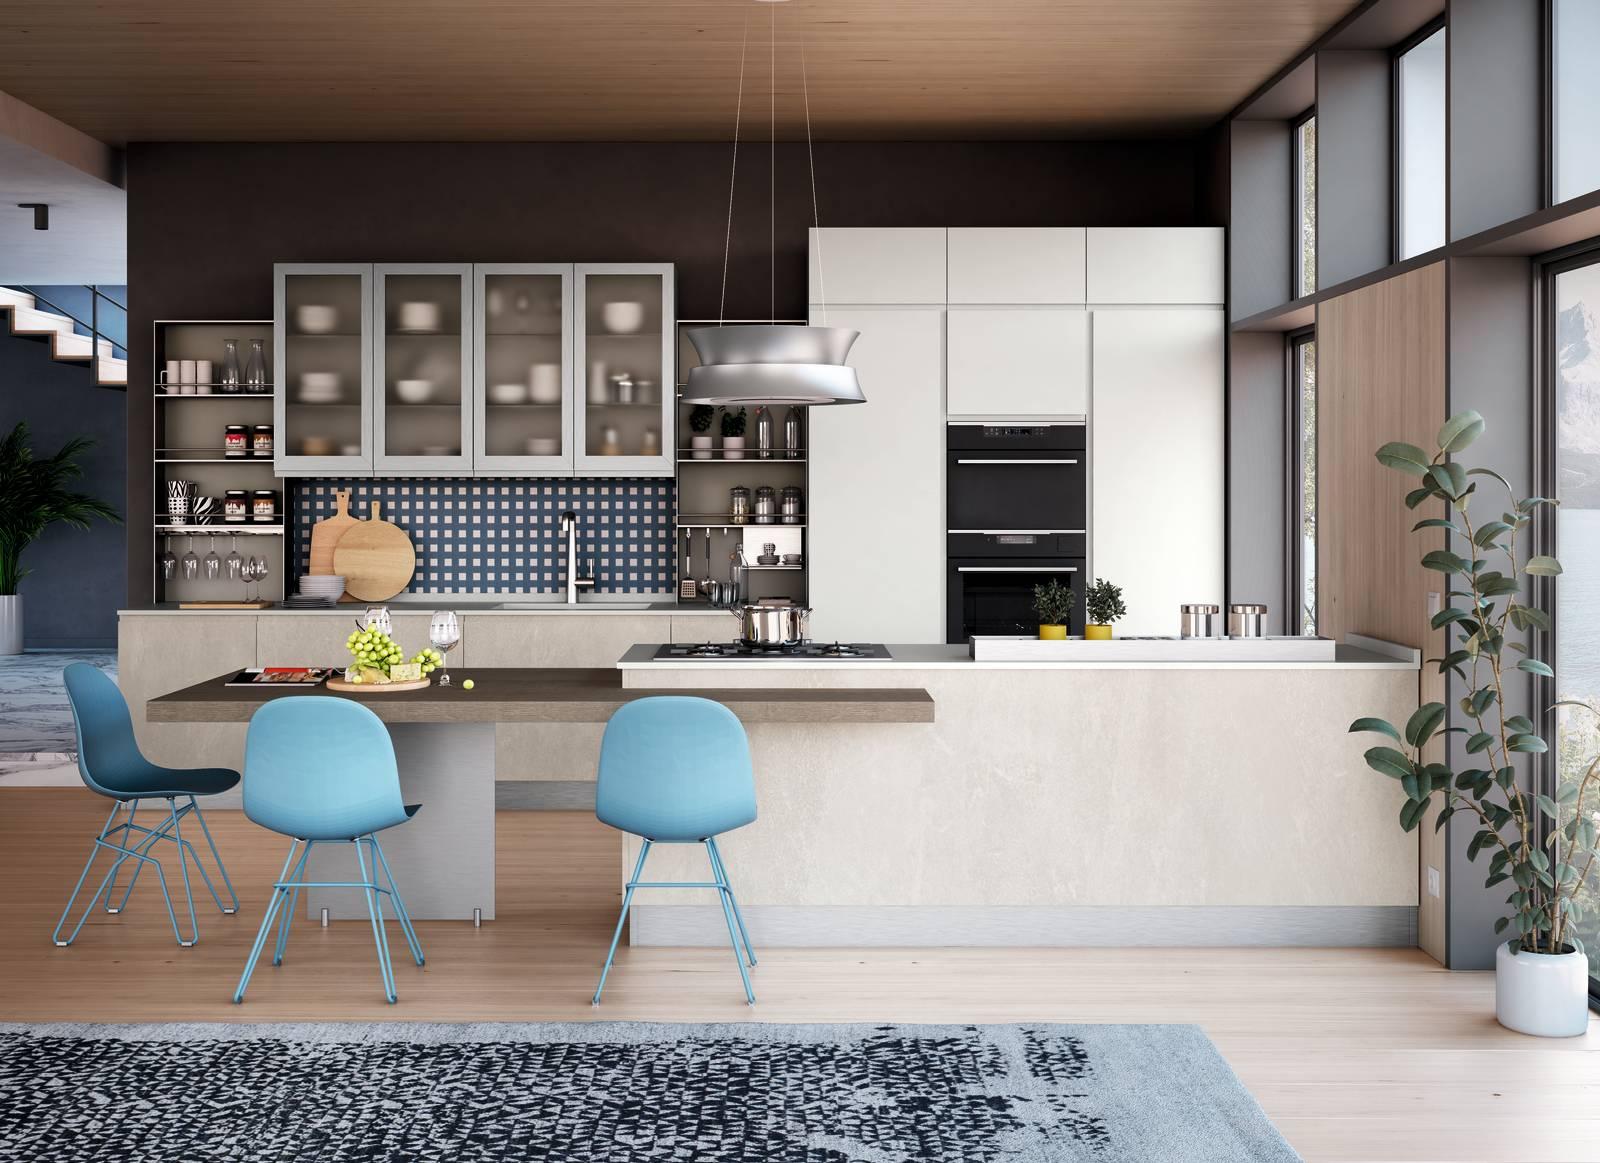 Ante Cucina In Vetro.Cucine Ante Vetro Colorato Satinato Trasparente Cose Di Casa